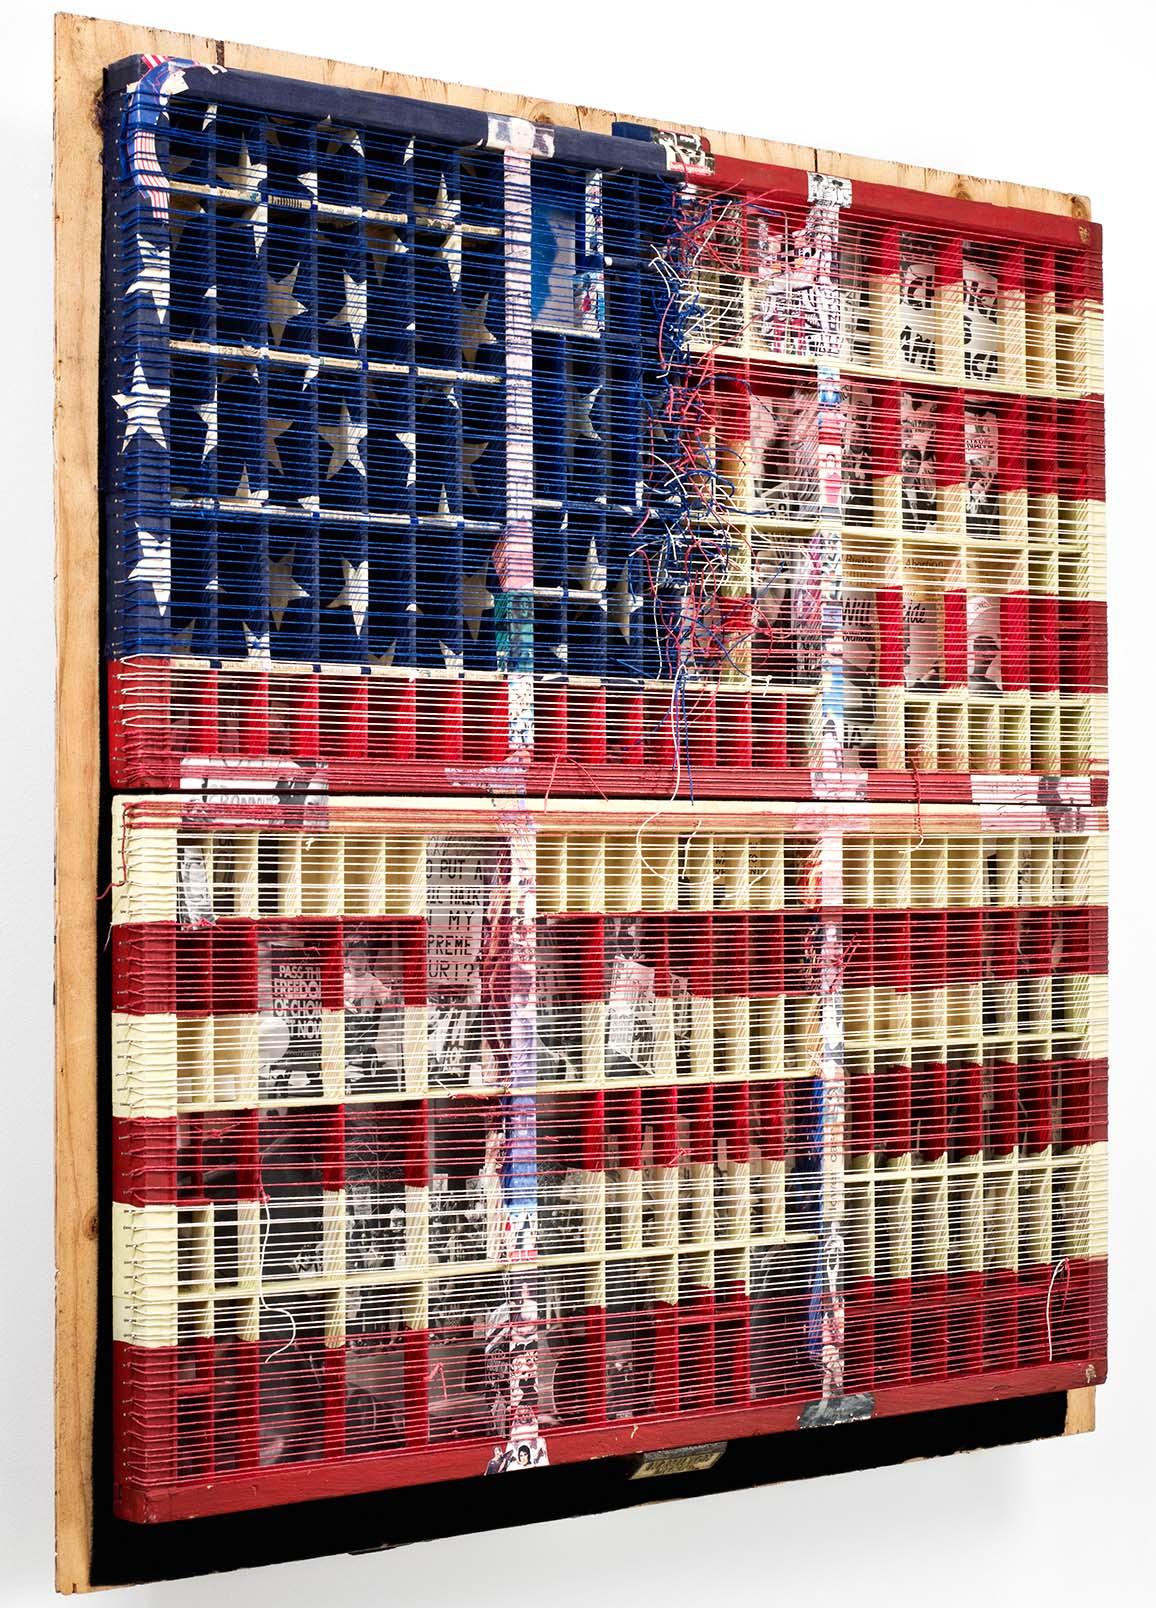 संयुक्त राज्य अमेरिका का ध्वज कलाकार लुसी लियू द्वारा बनाई गई पुनर्नवीनीकरण सामग्री के साथ बनाया गया है